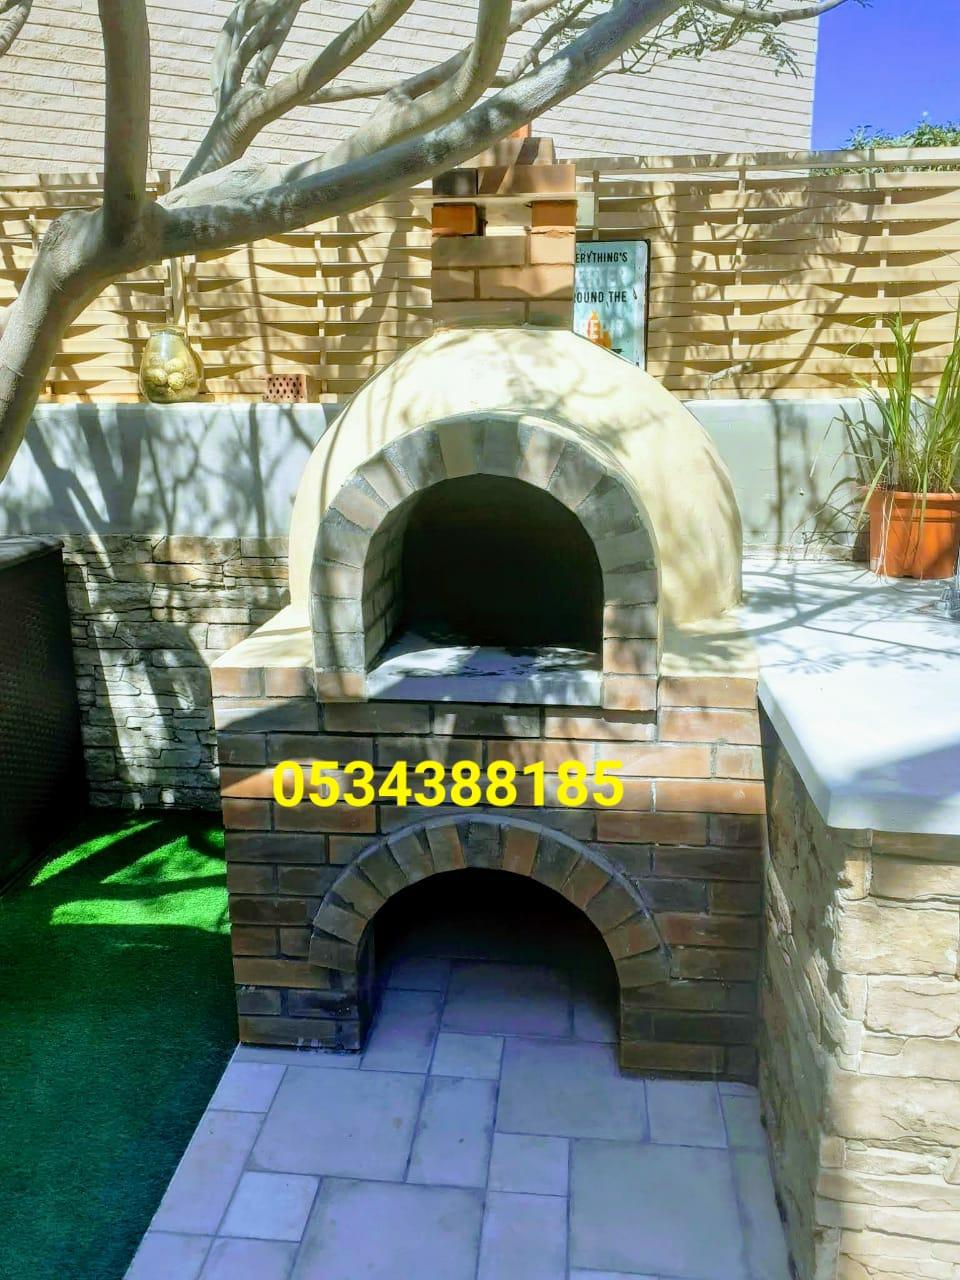 بناء فرن في الرياض , فرن في الشرقية , فرن مطعم , افران مطاعم  0534388185 P_1819n0f563